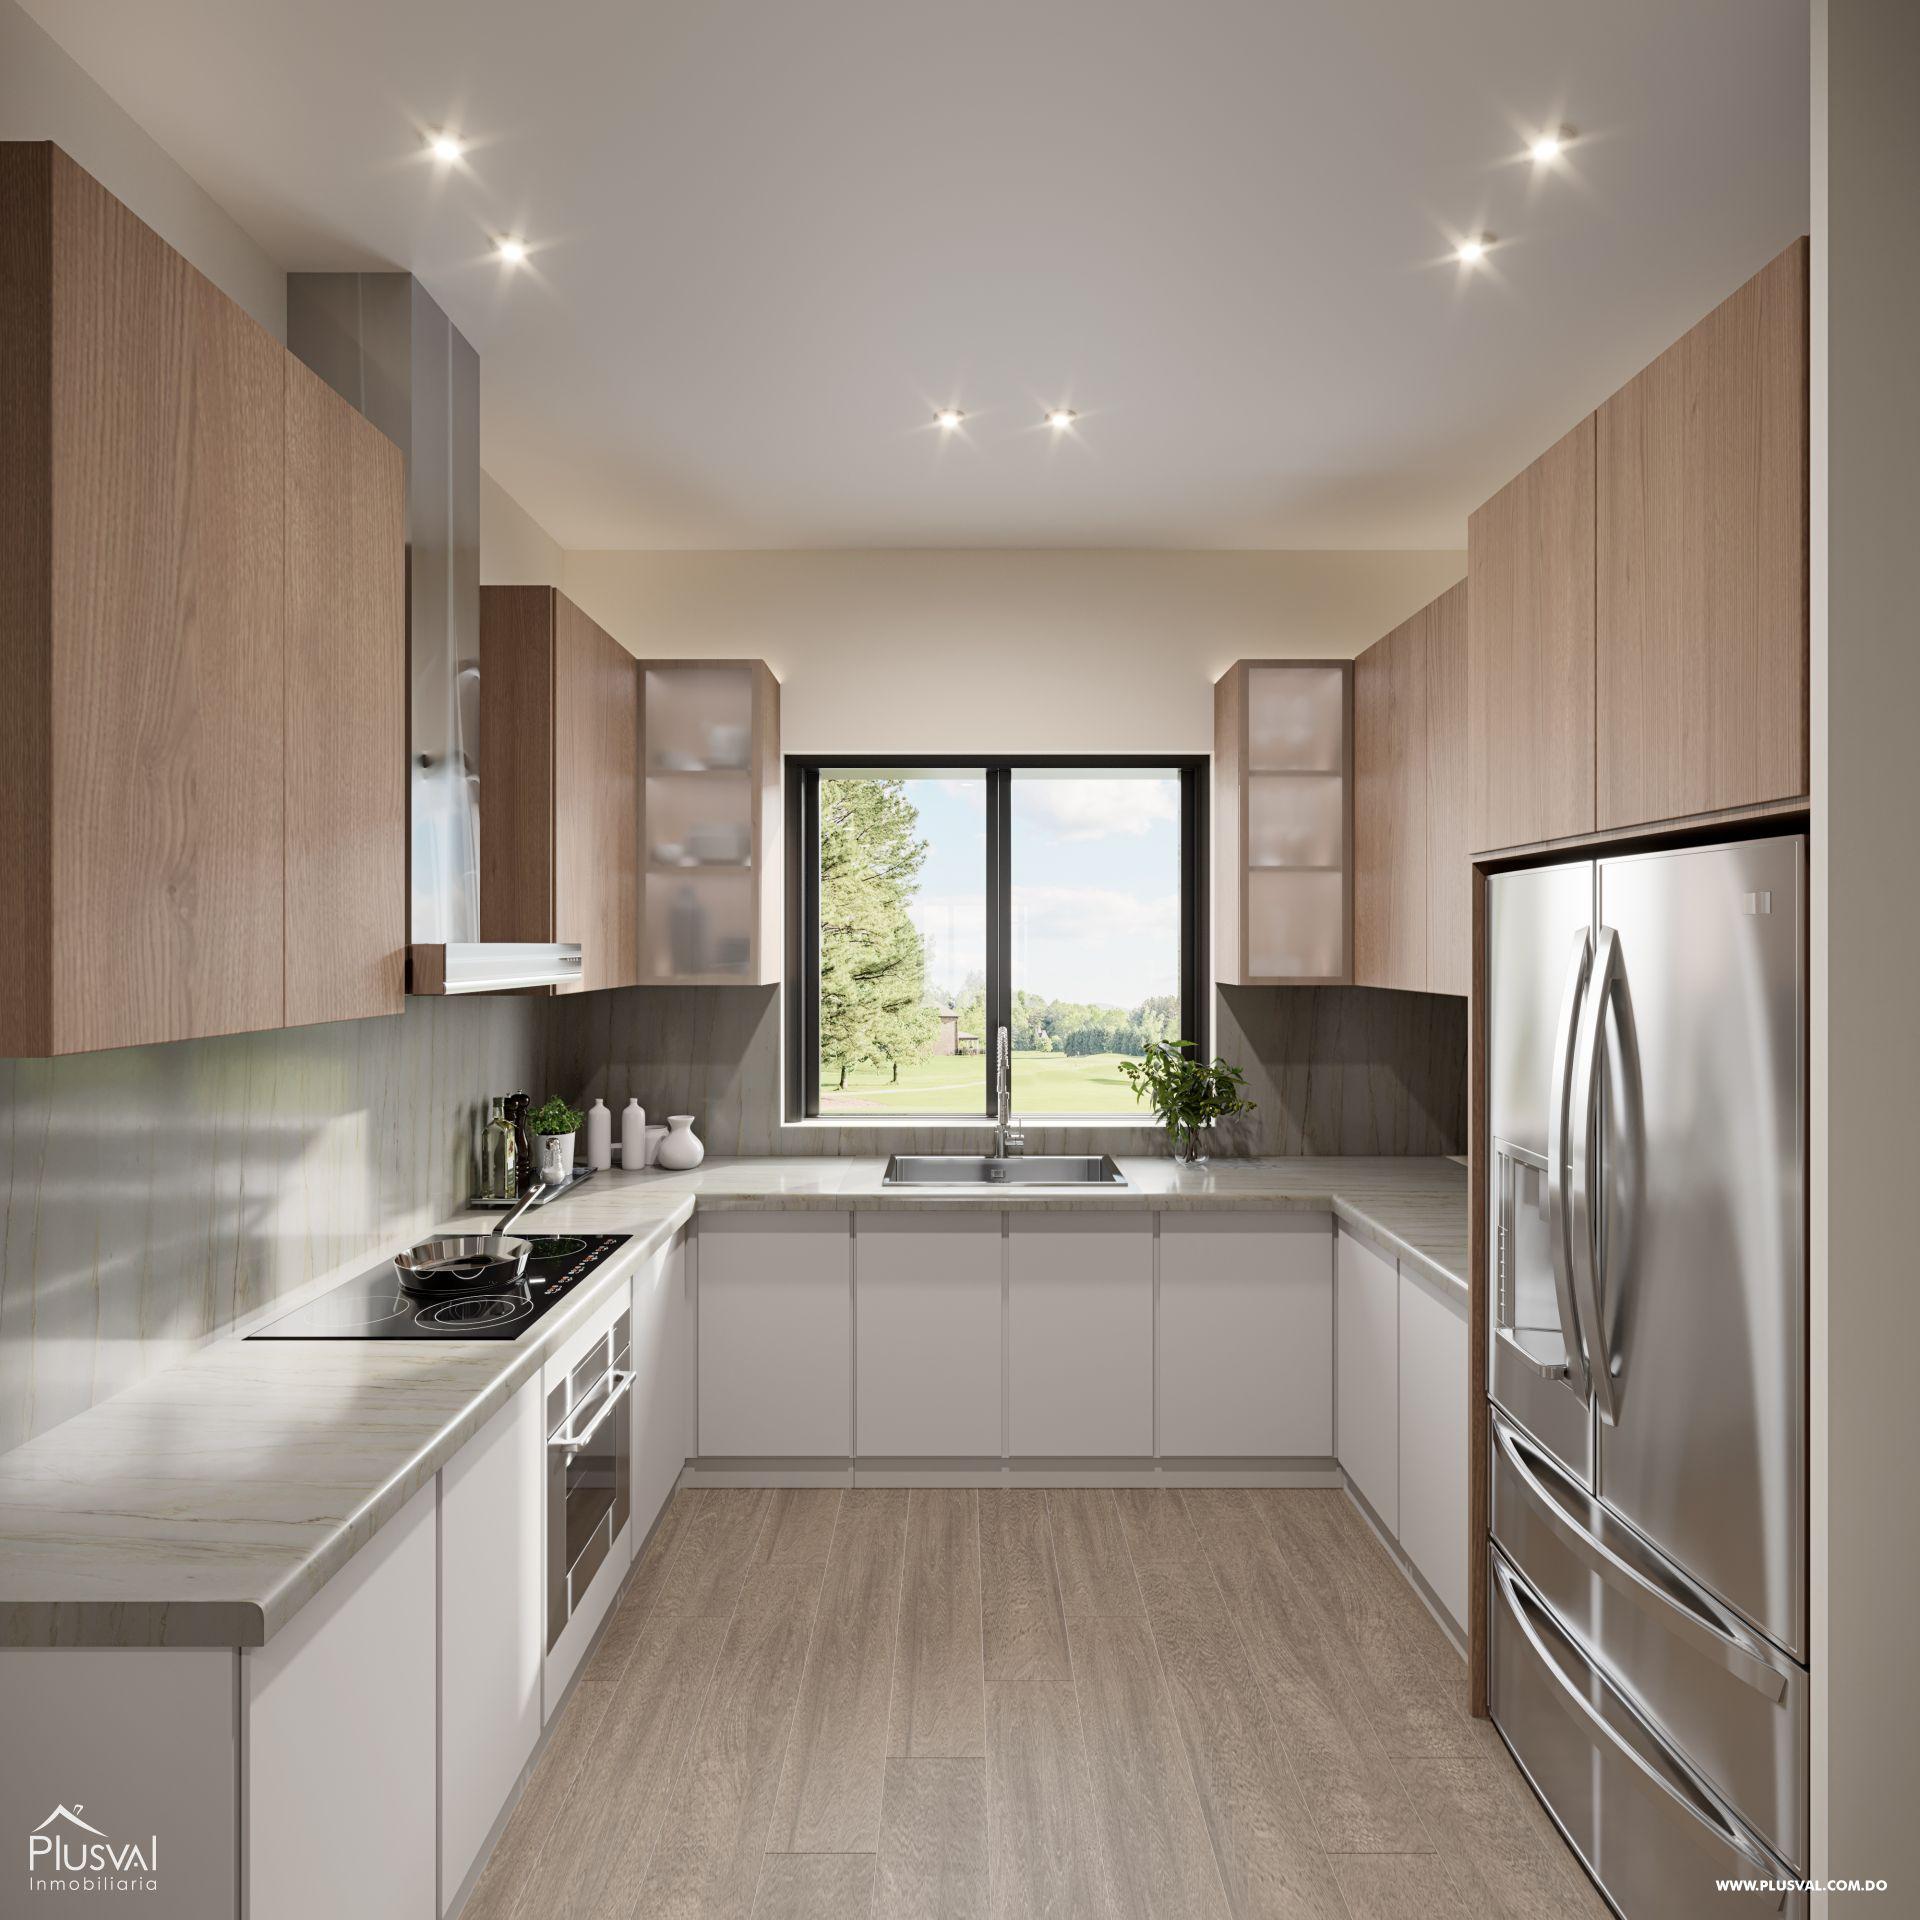 Apartamentos en Venta, en exclusiva comunidad en Cana Bay 190044